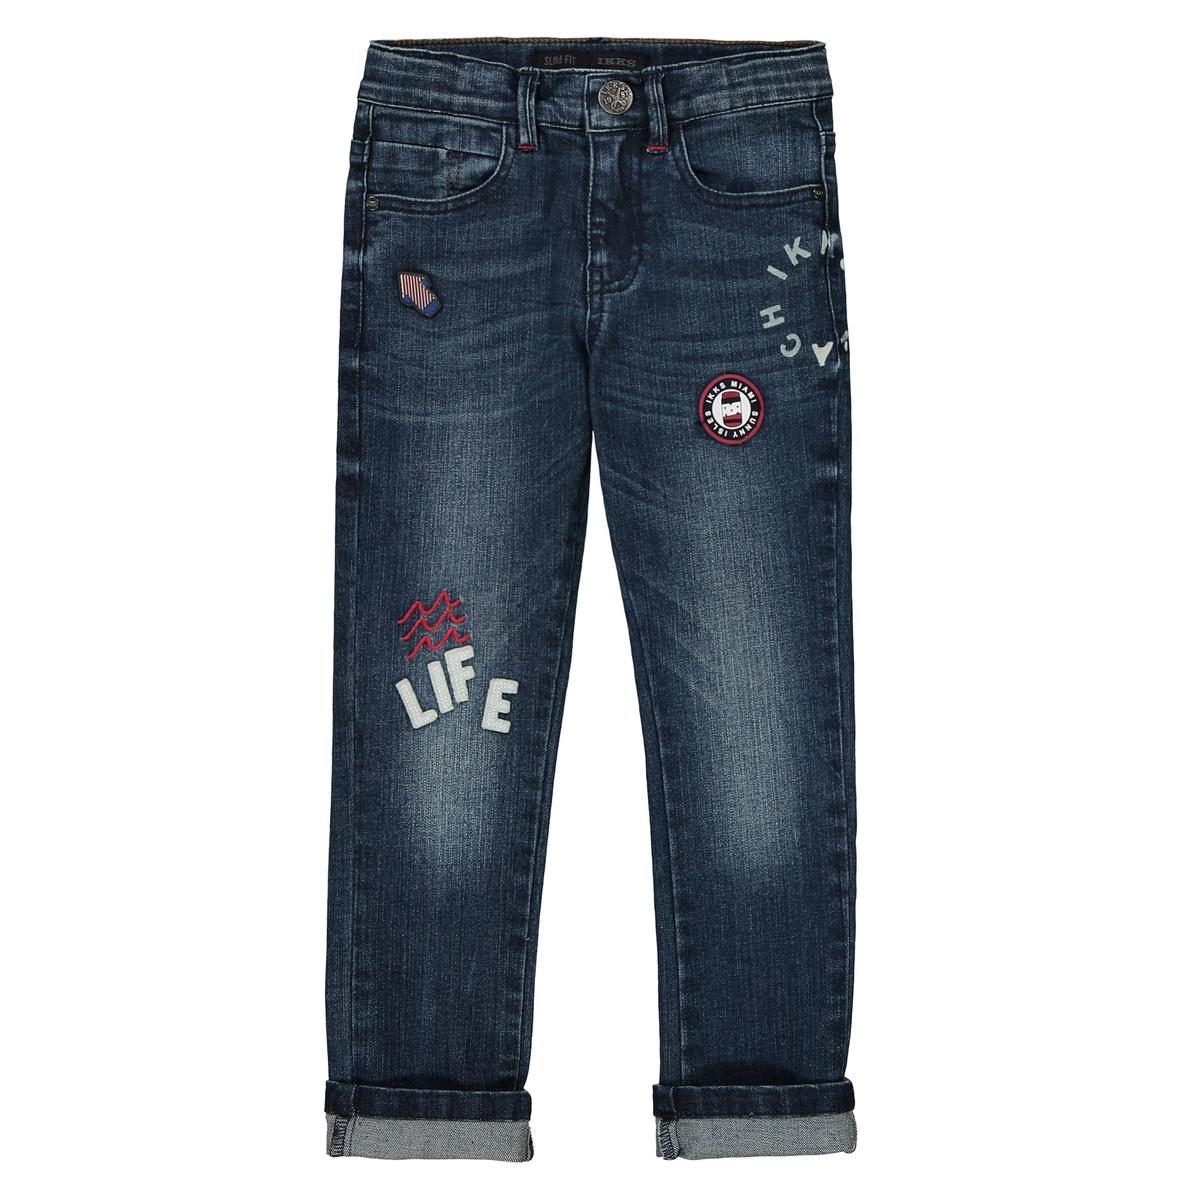 Джинсы узкие, 3 - 14 лет джинсы узкие детские quiksilver lowbrbugbyth pant buggy blue